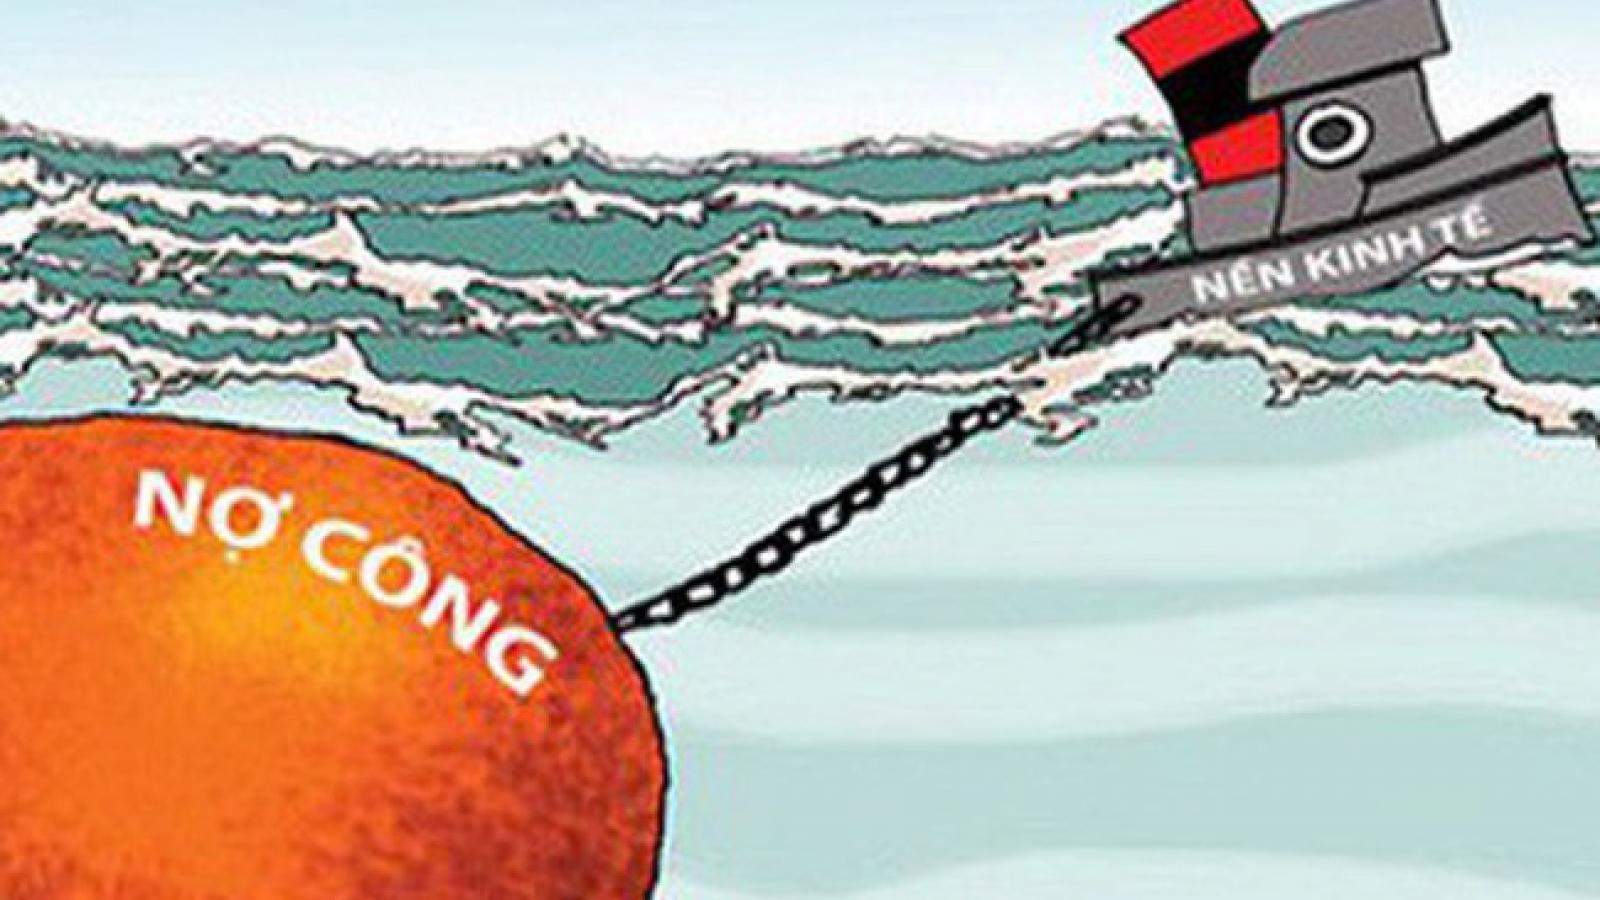 Rủi ro nợ công hiện hữu sau đại dịch